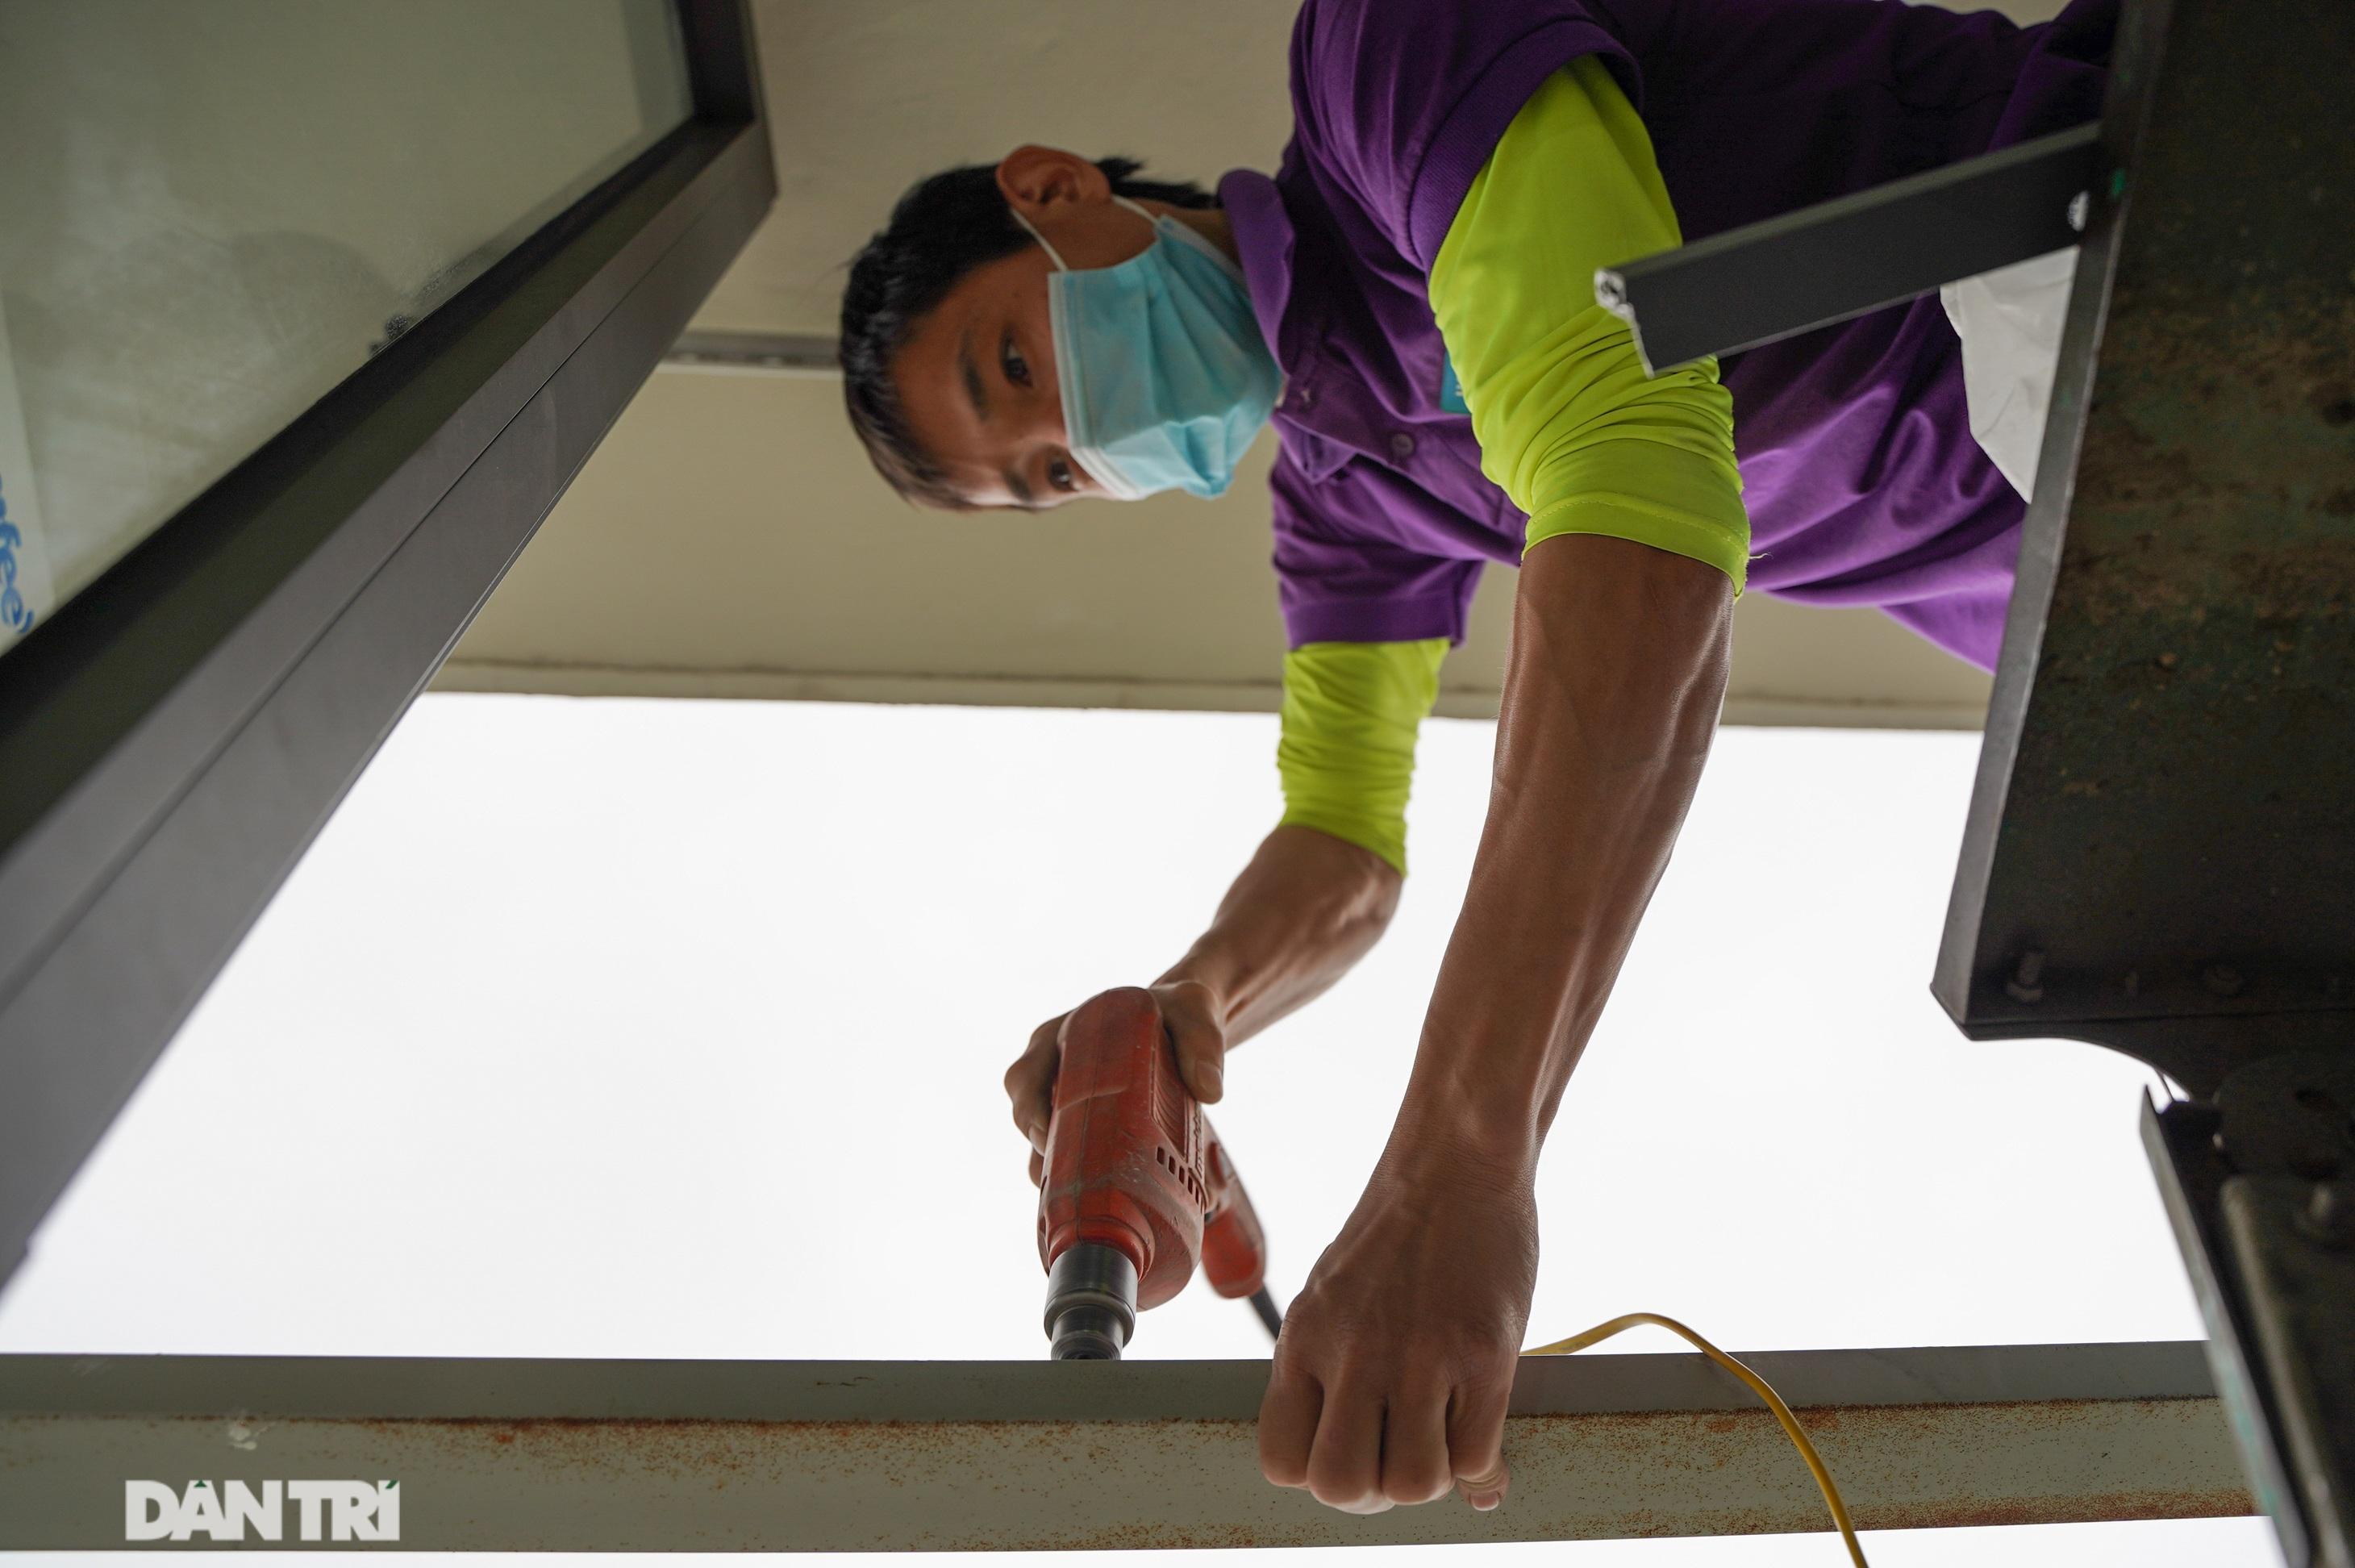 Lưới an toàn ban công được lắp đặt như thế nào tại các chung cư ở Hà Nội - 15